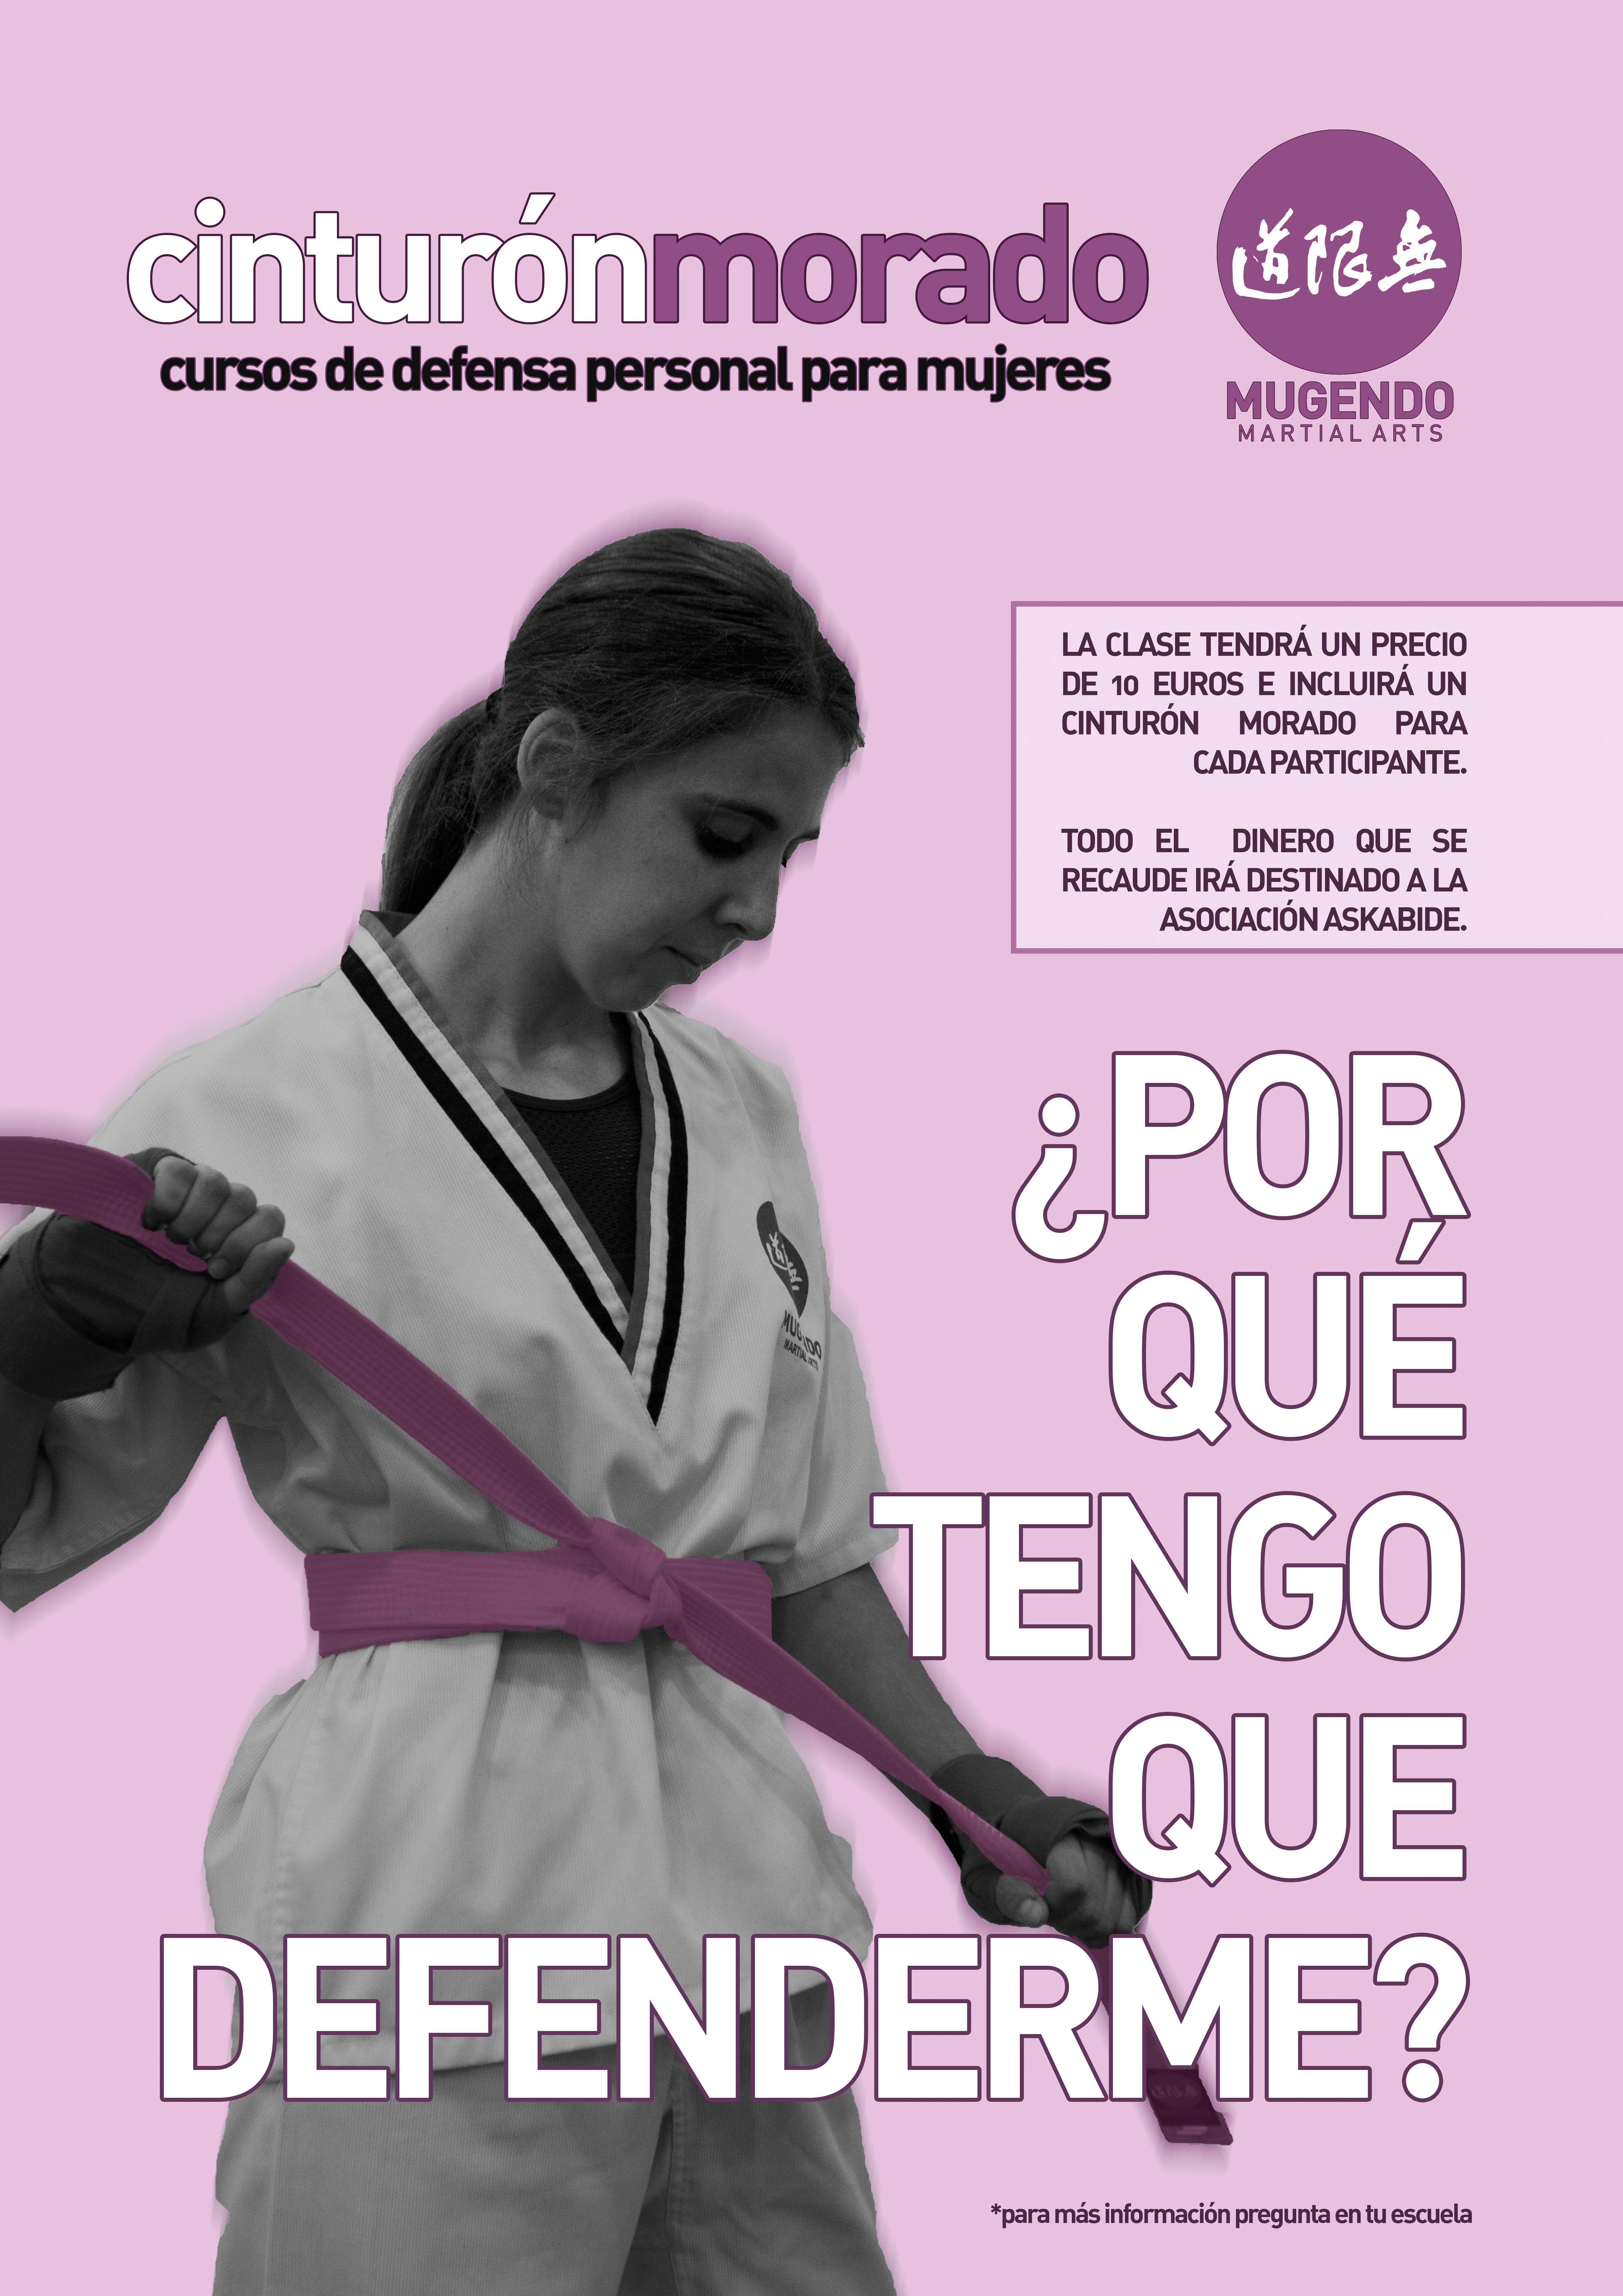 Cinturón Morado, el curso de defensa personal contra la violencia de género